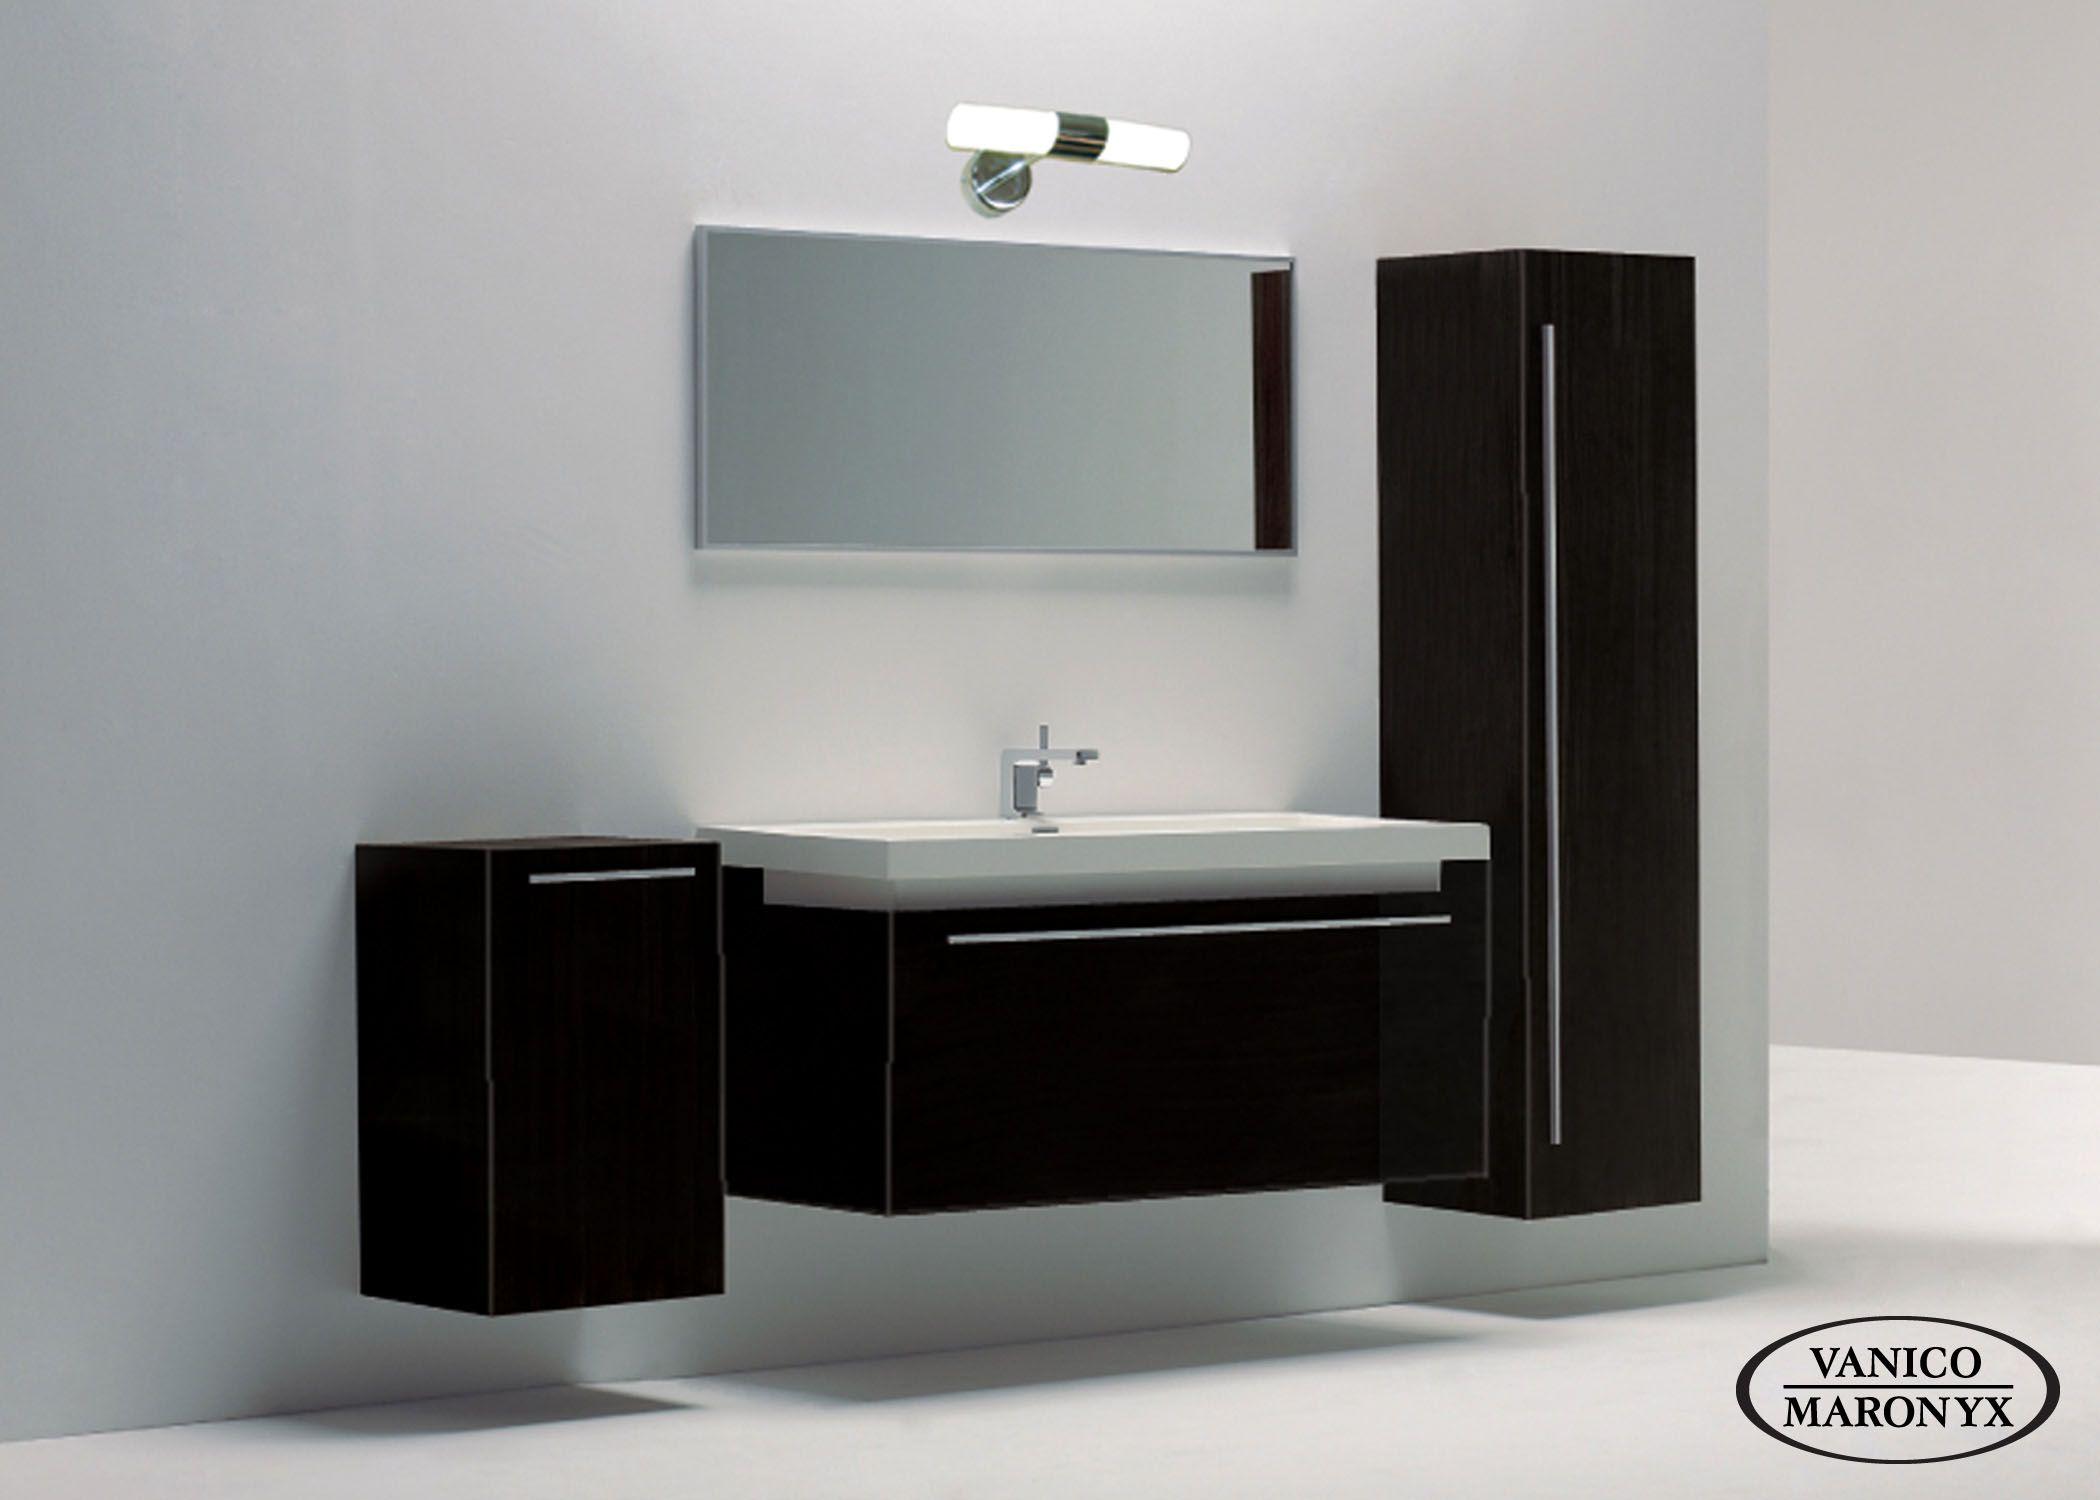 Mobilier de salle de bain NUOVA de la SéRIE EXPRESS VANICO